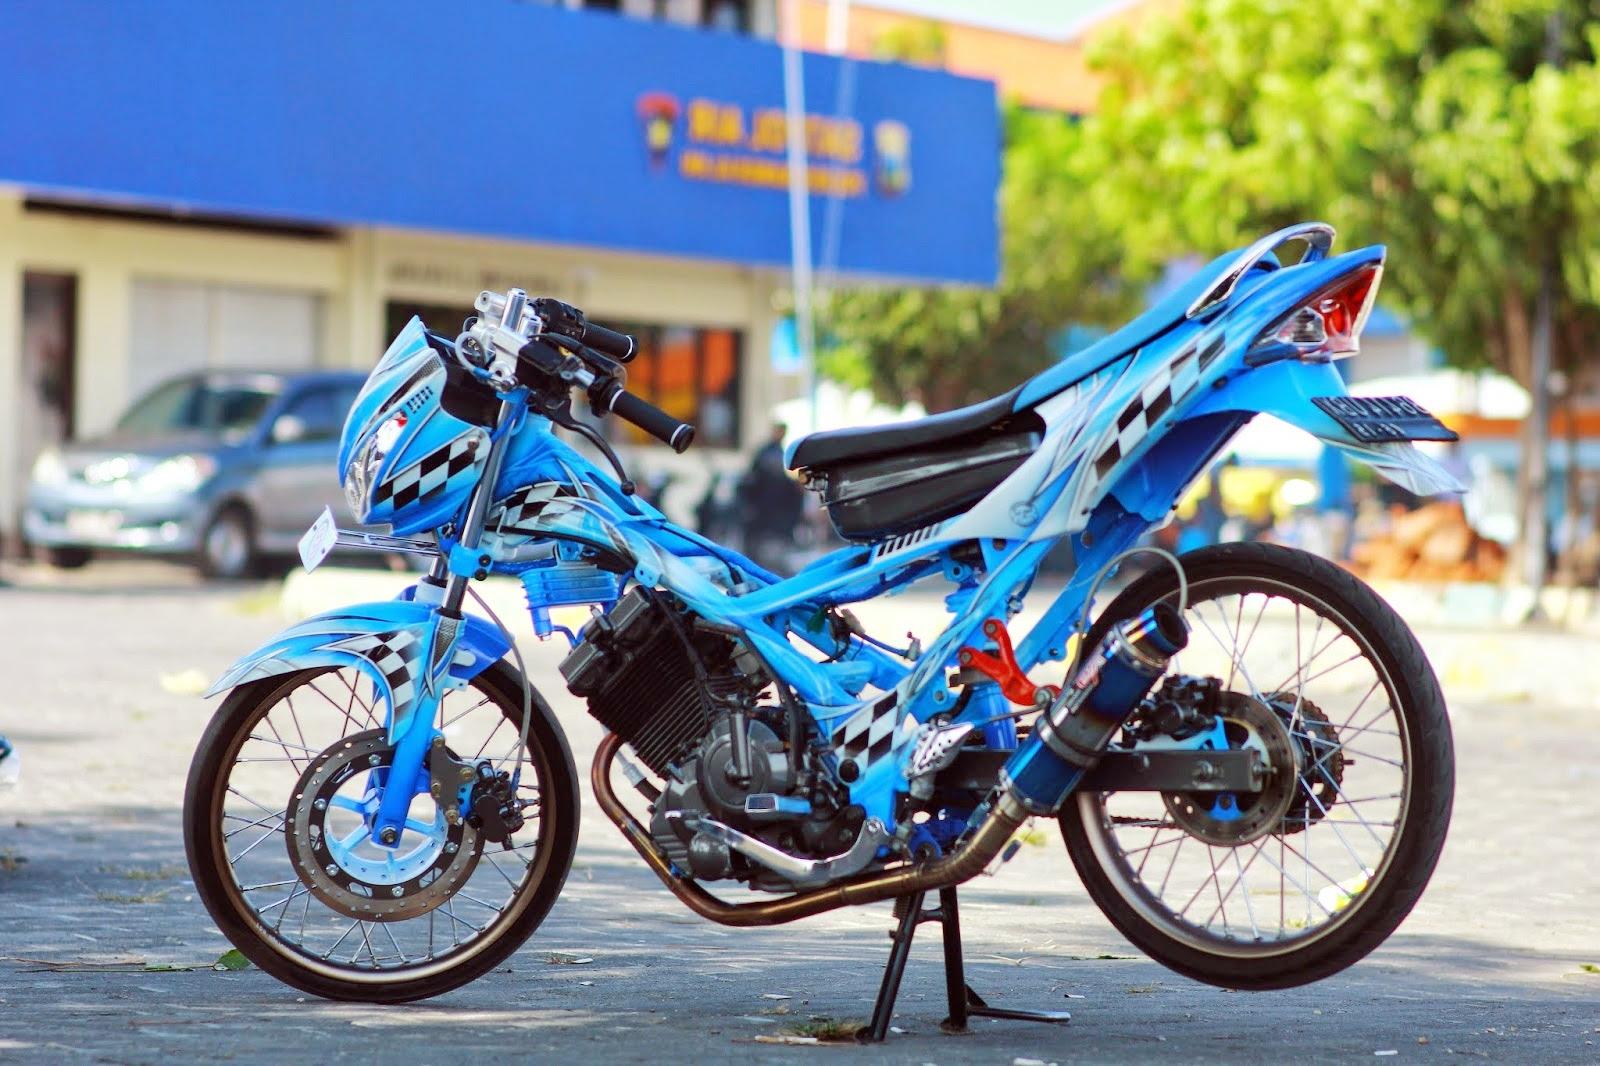 Top Modifikasi Motor Satria Fu Terbaru Harga Barang Terbaru 2017